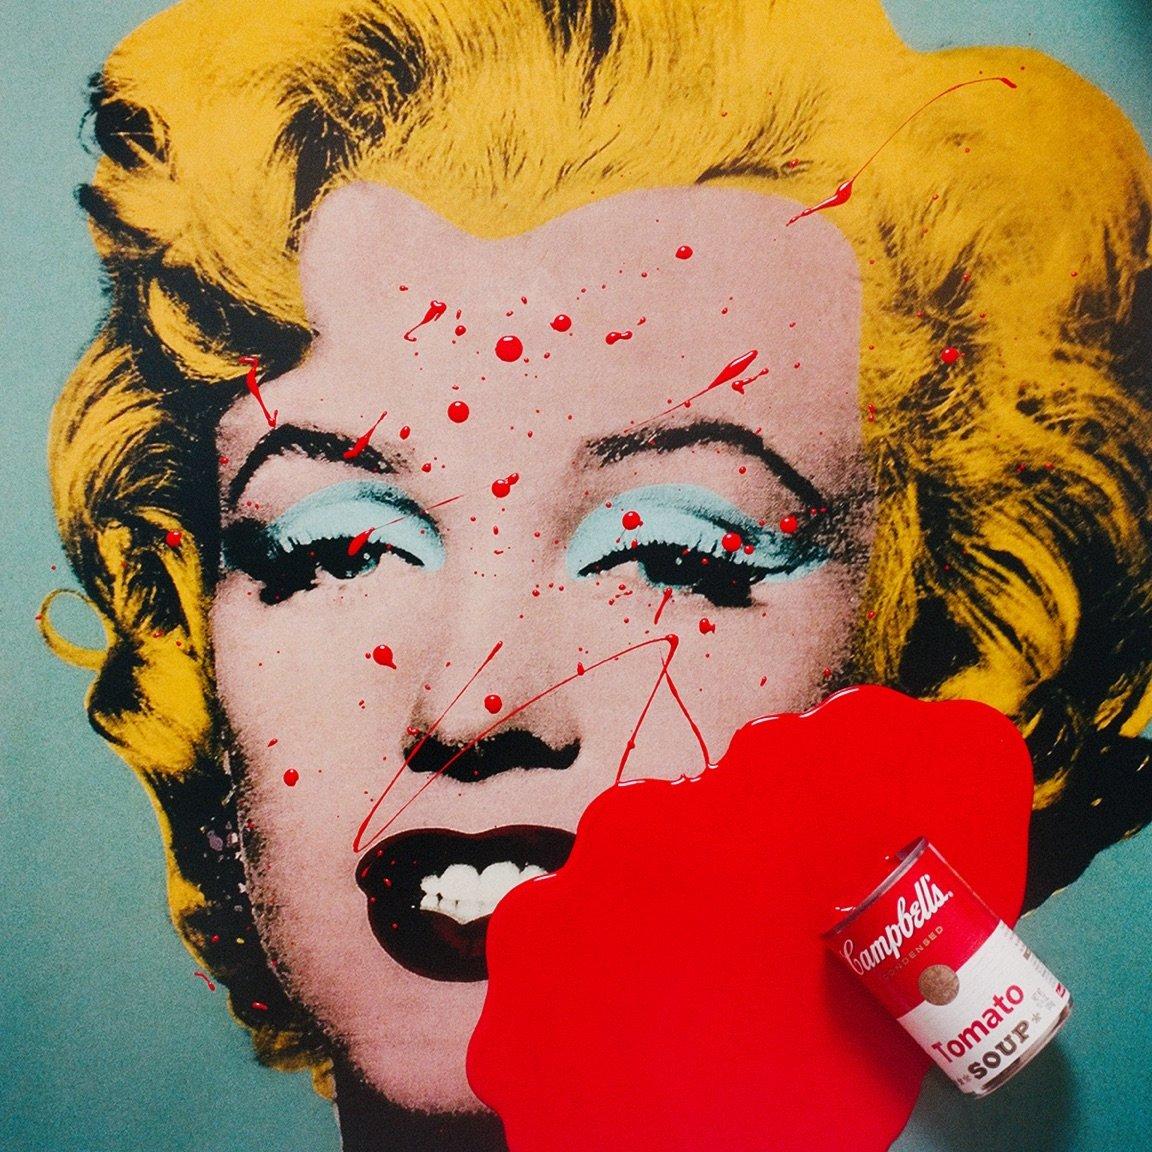 Pop Art by Tyler Shields